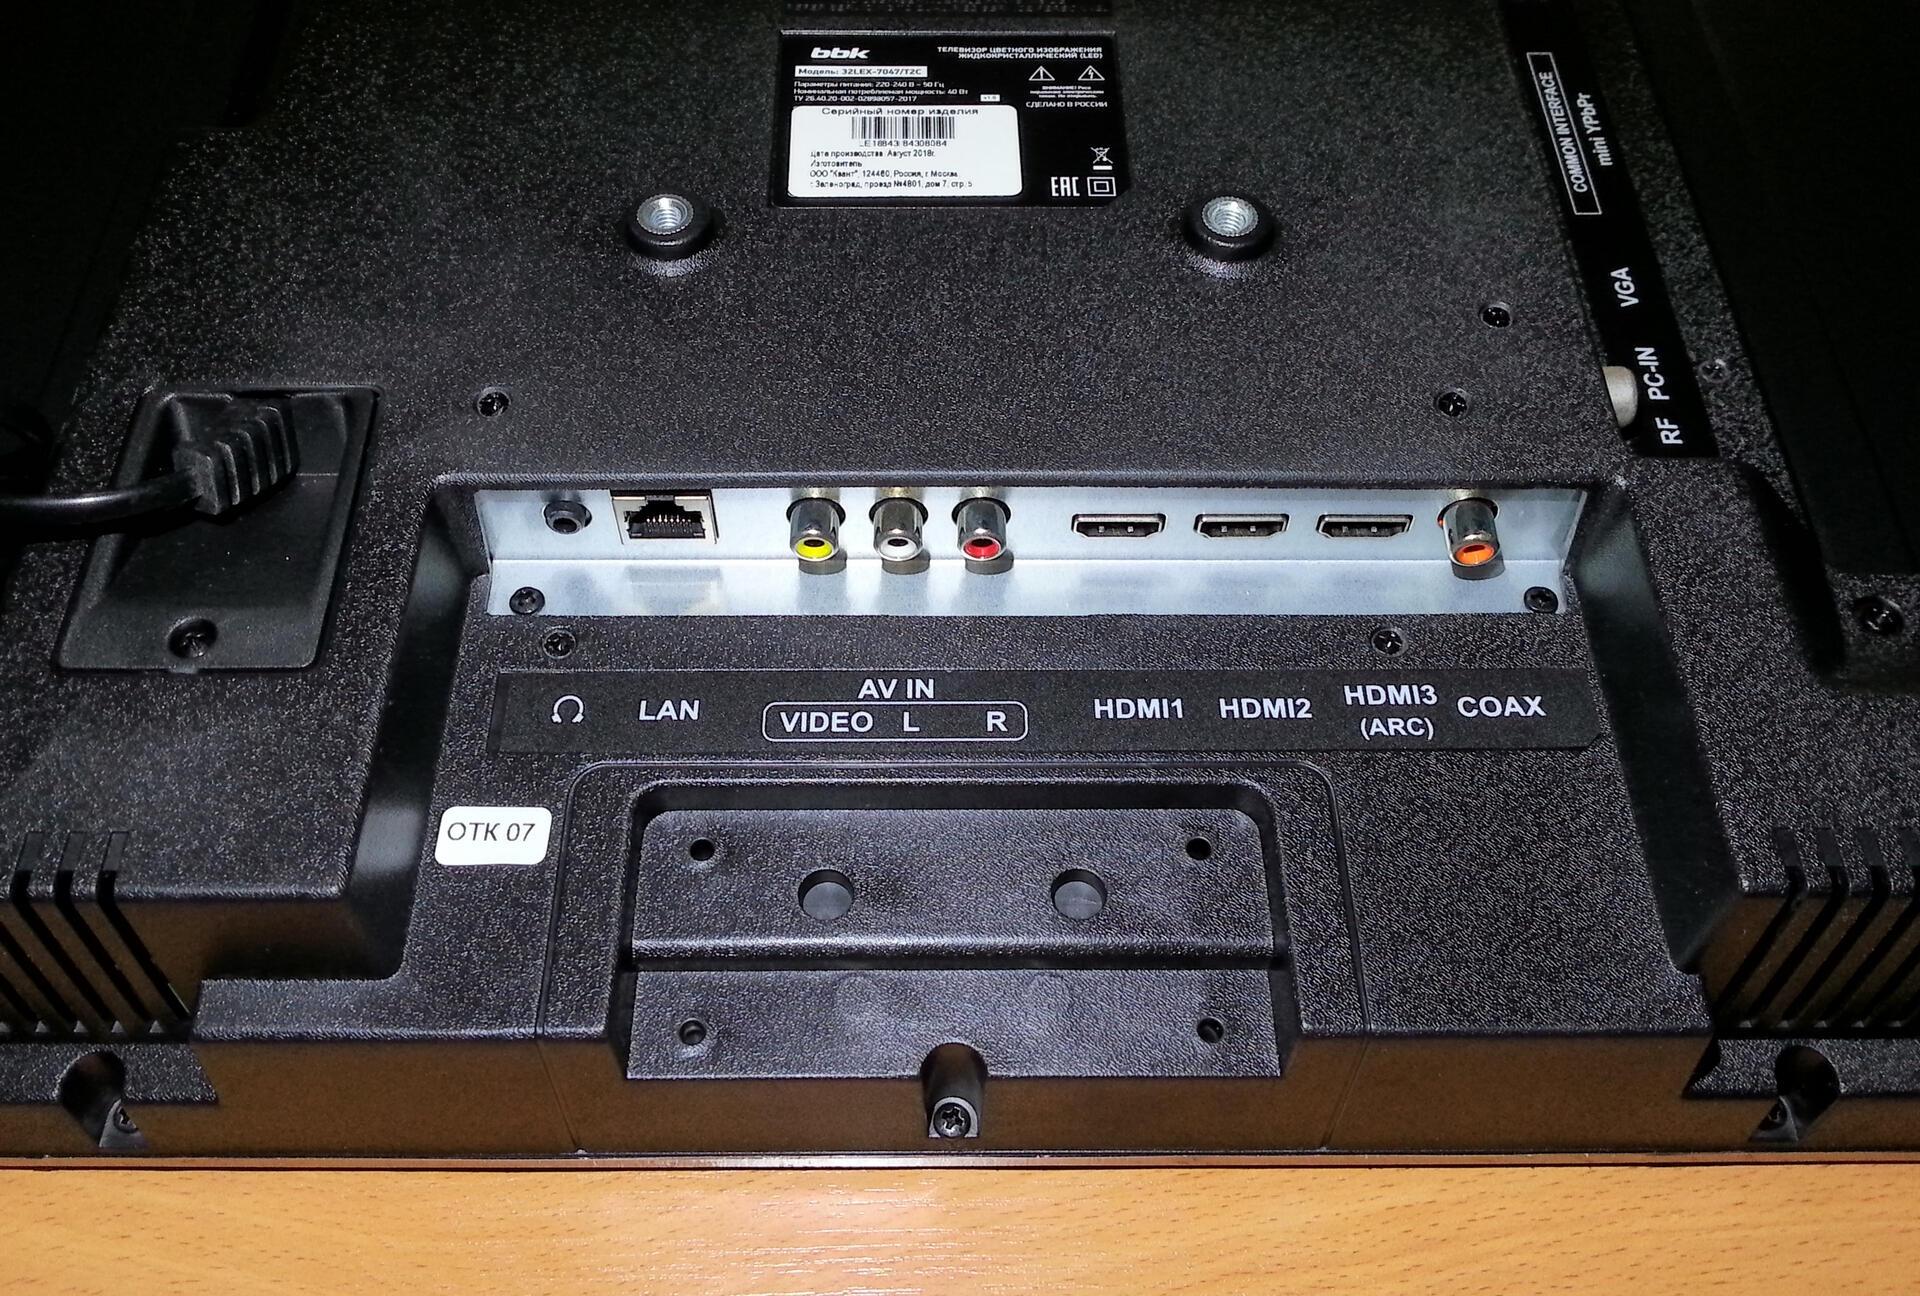 MS-7047 LAN WINDOWS 8 DRIVERS DOWNLOAD